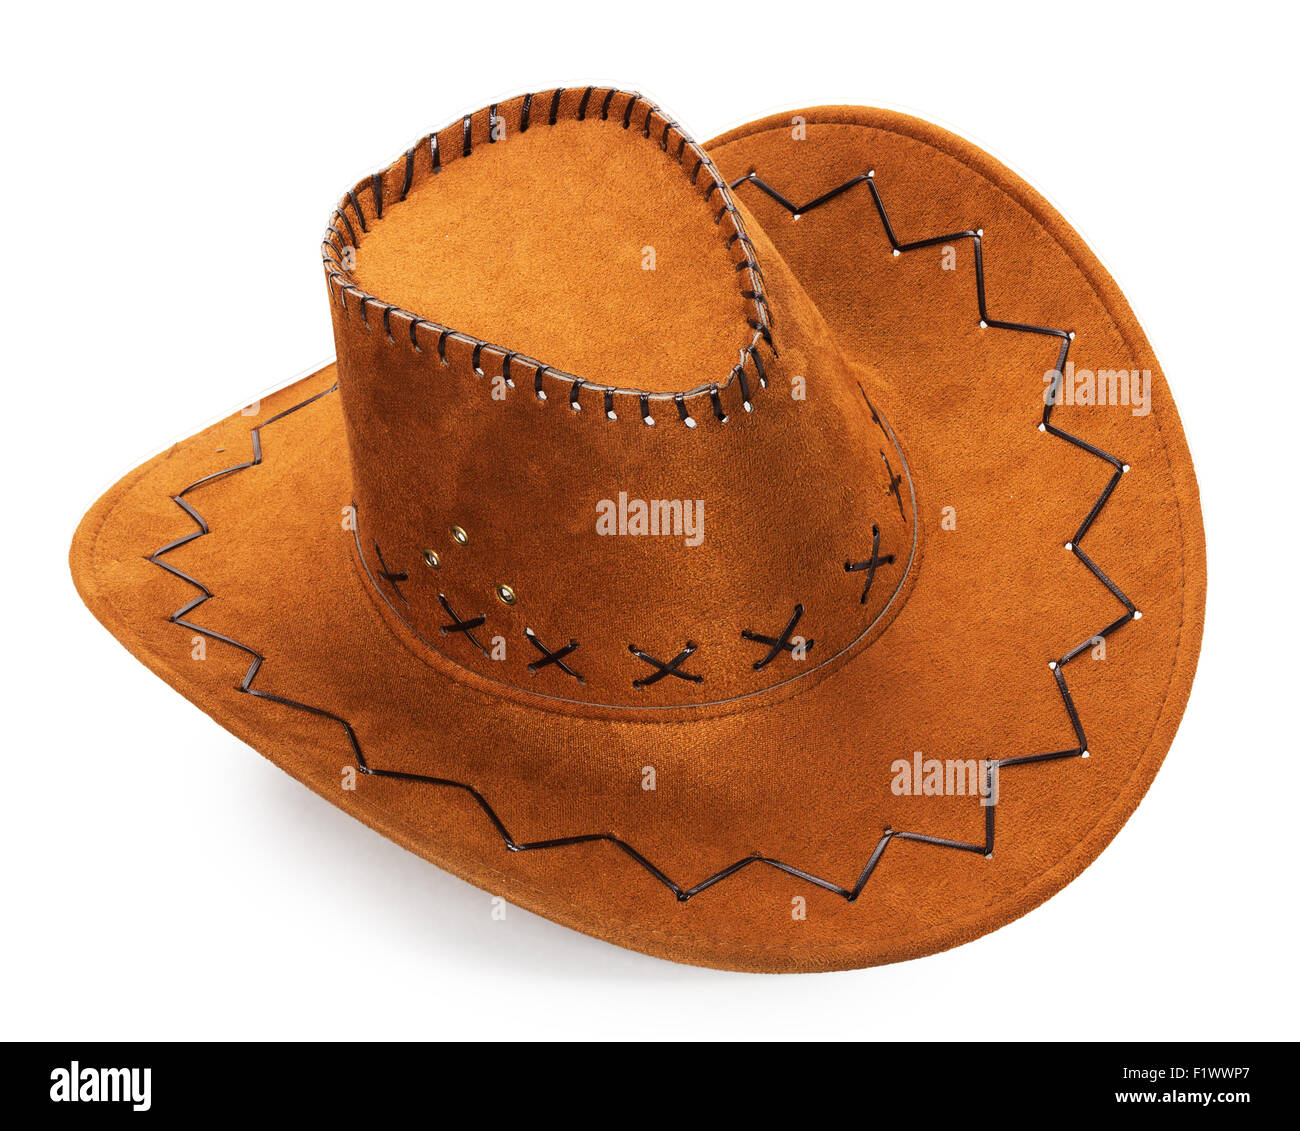 Il cappello da cowboy isolato su uno sfondo bianco. Immagini Stock 41a0c03d1c37